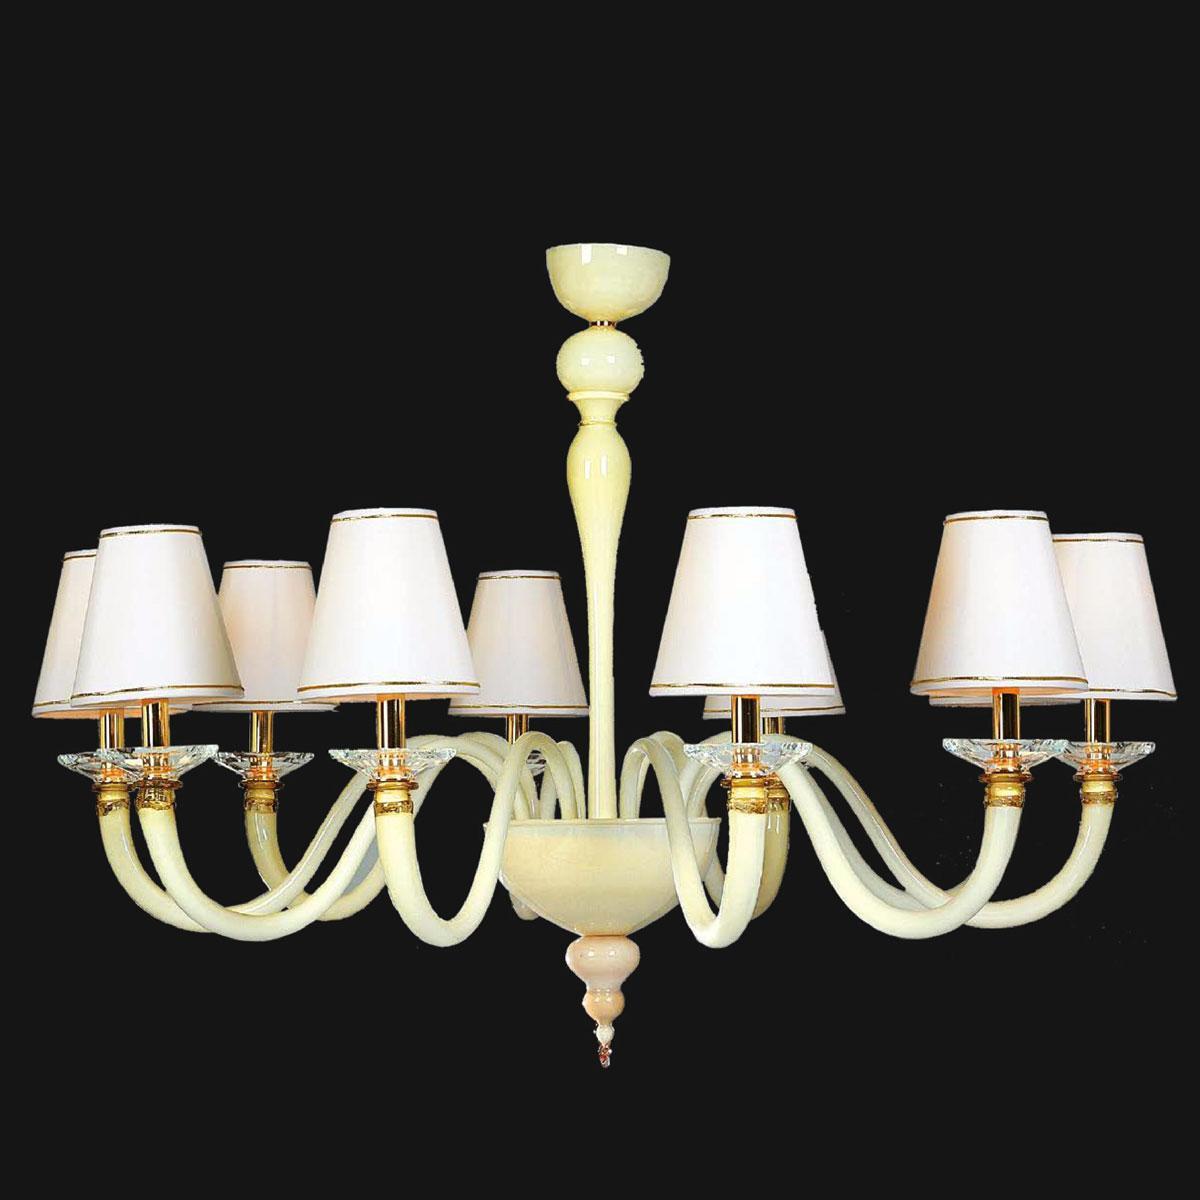 """""""Leanna"""" lampara de araña de Murano con pantallas - 10 luces - blanco"""